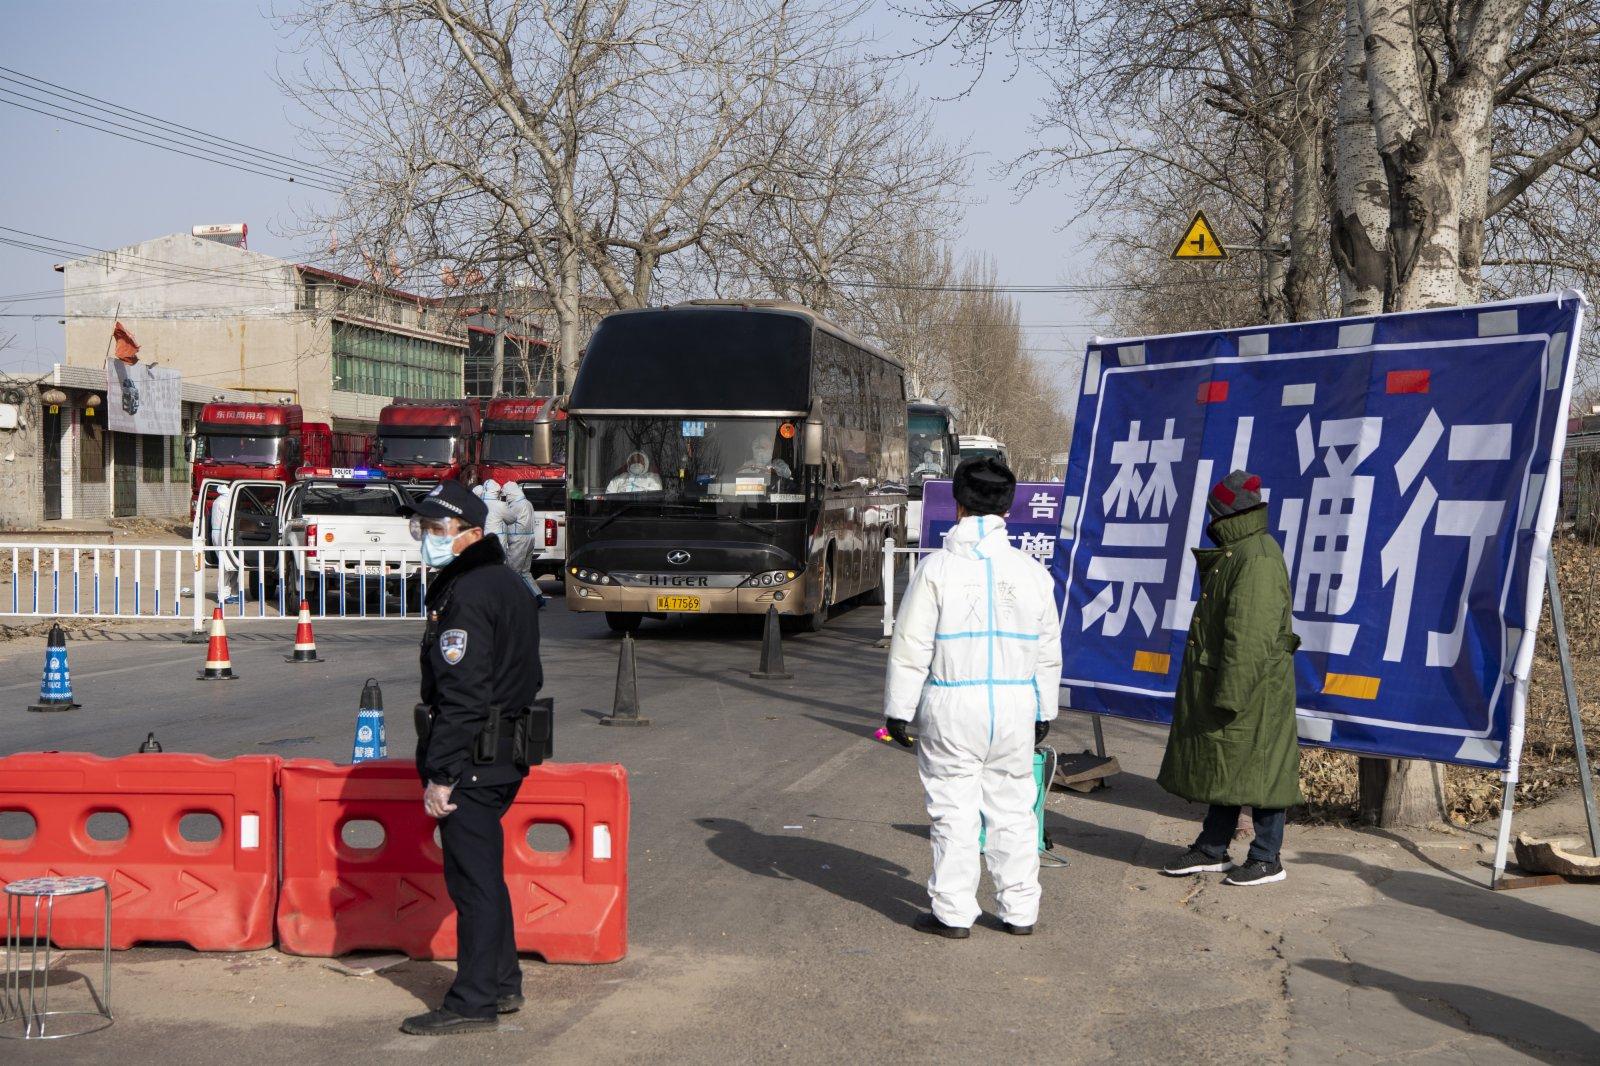 距離增村鎮約4公里、距離小果莊村約8公里的一處疫情防控檢查點,運送異地集中隔離觀察人員的車輛通過此地。中新社